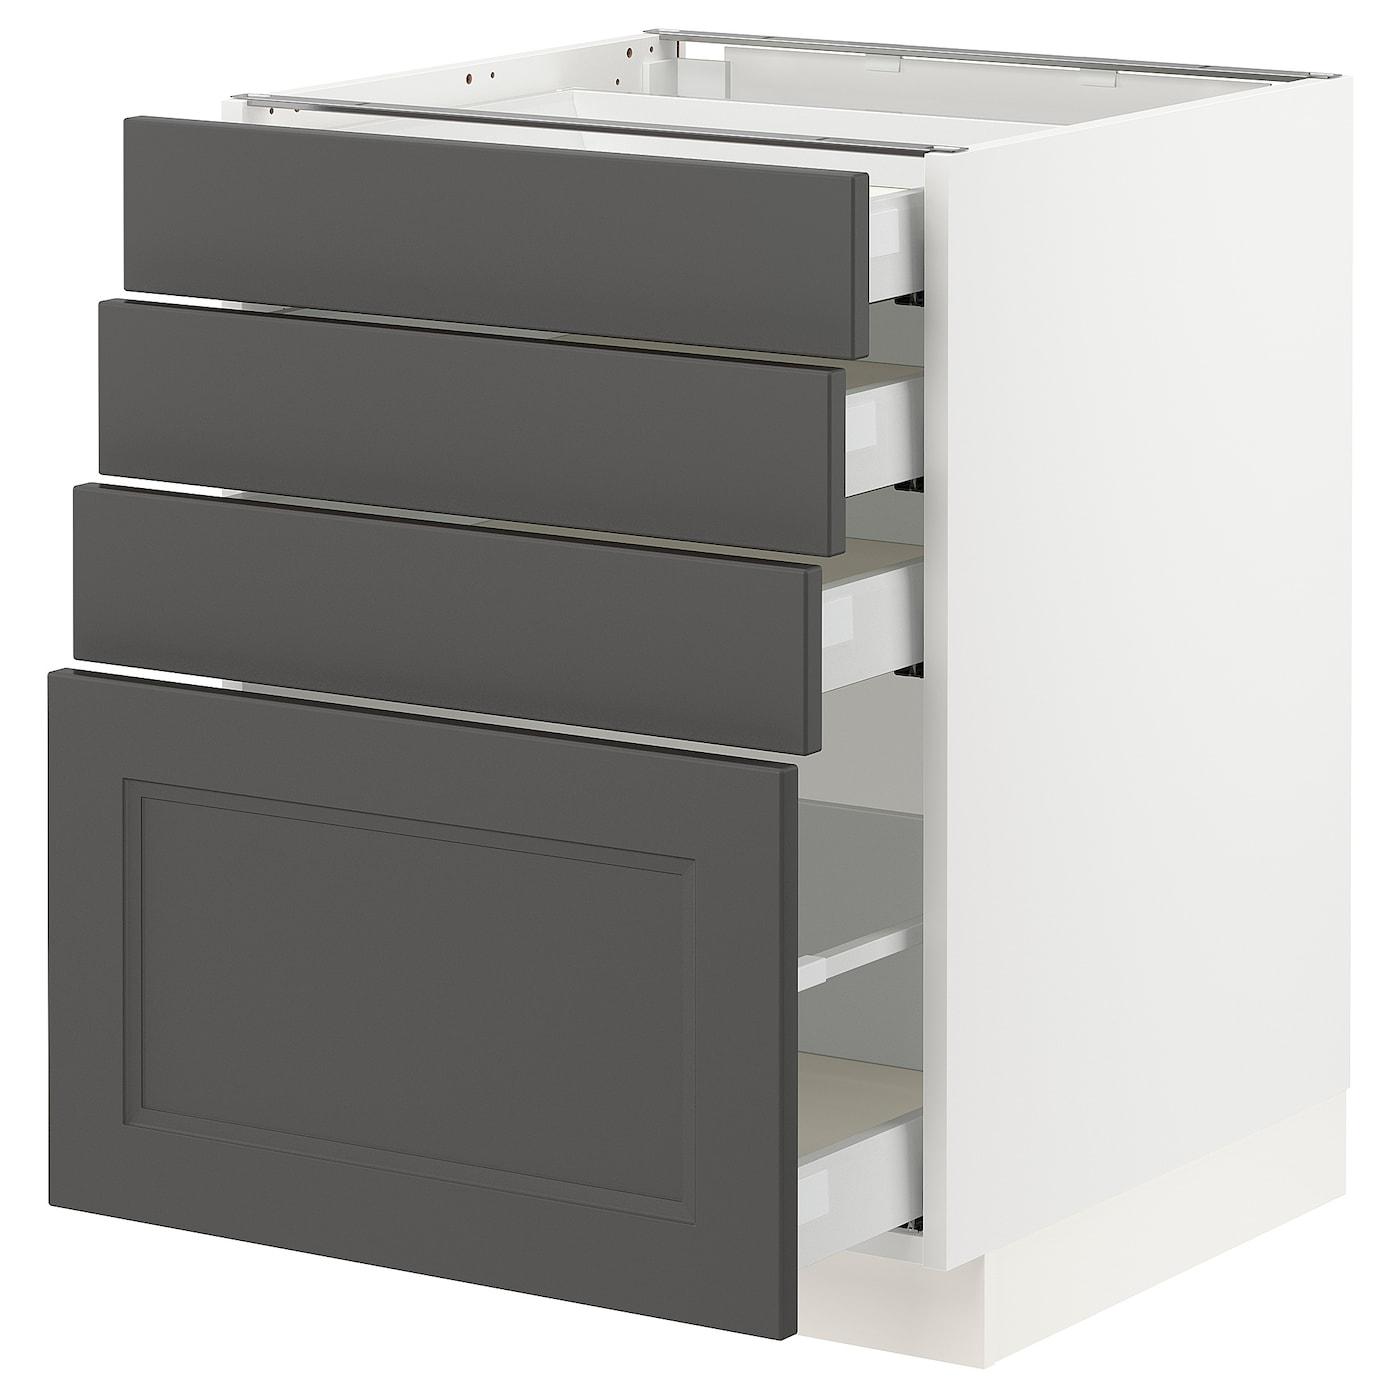 SEKTION / MAXIMERA Base Cabinet With 4 Drawers